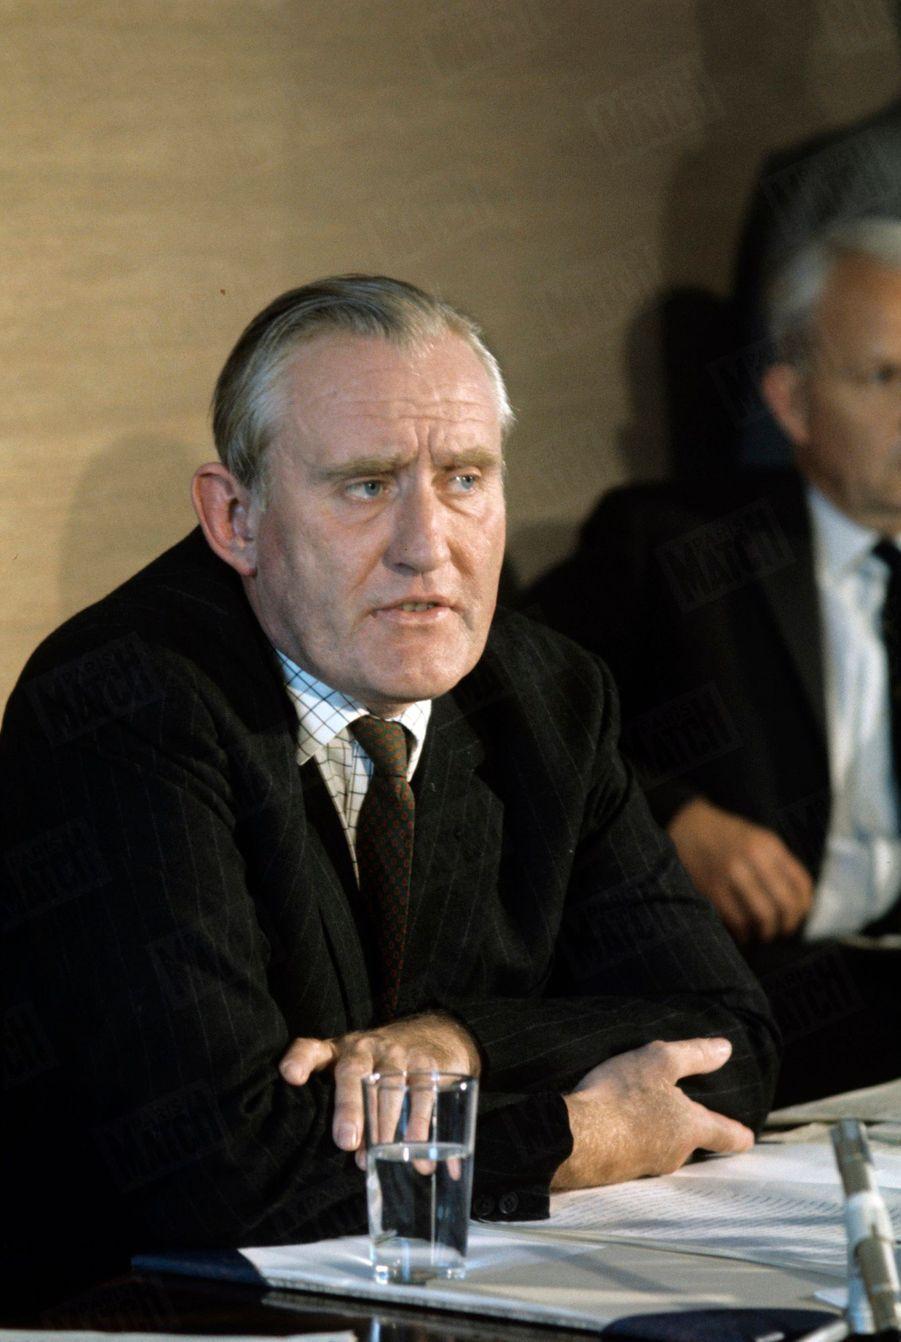 «Chichester Clark, chef du gouvernement de l'Ulster. Pour lui, les responsables sont les catholiques, les nationalistes de l'I.R.A. et des groupes d'anarchistes.» - Paris Match n°1060, 30 août 1969